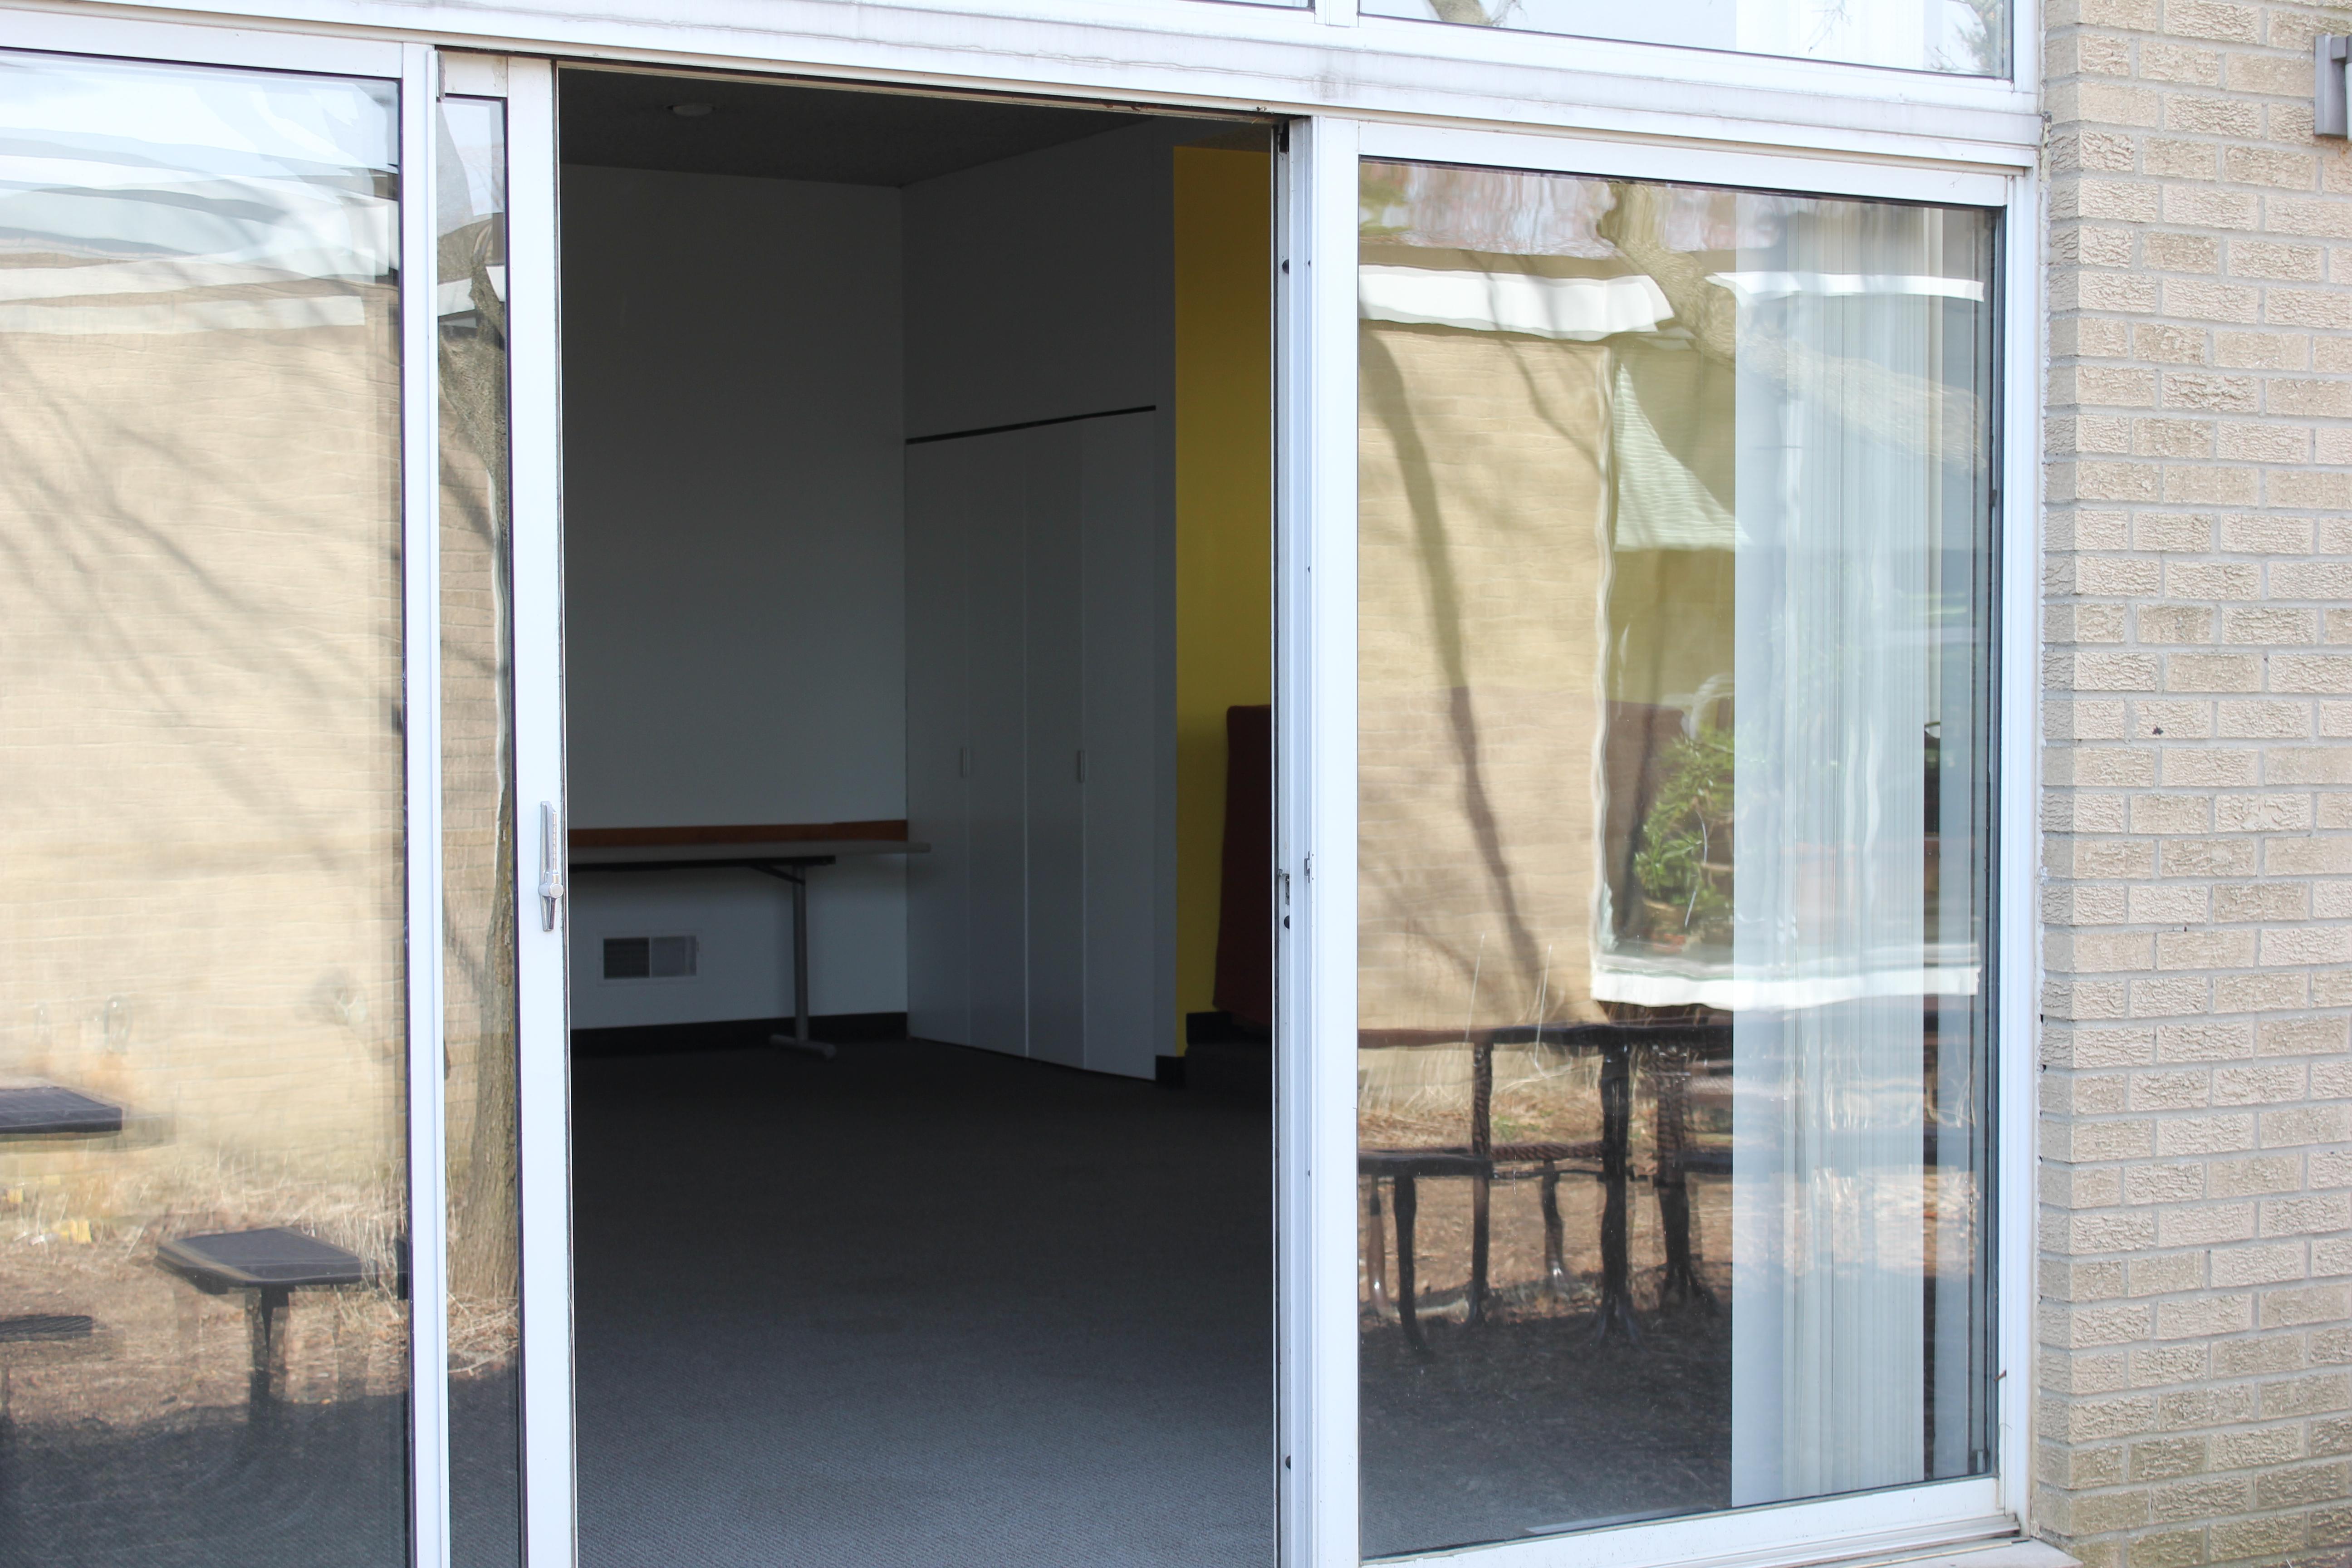 Commons outside in sliding glass